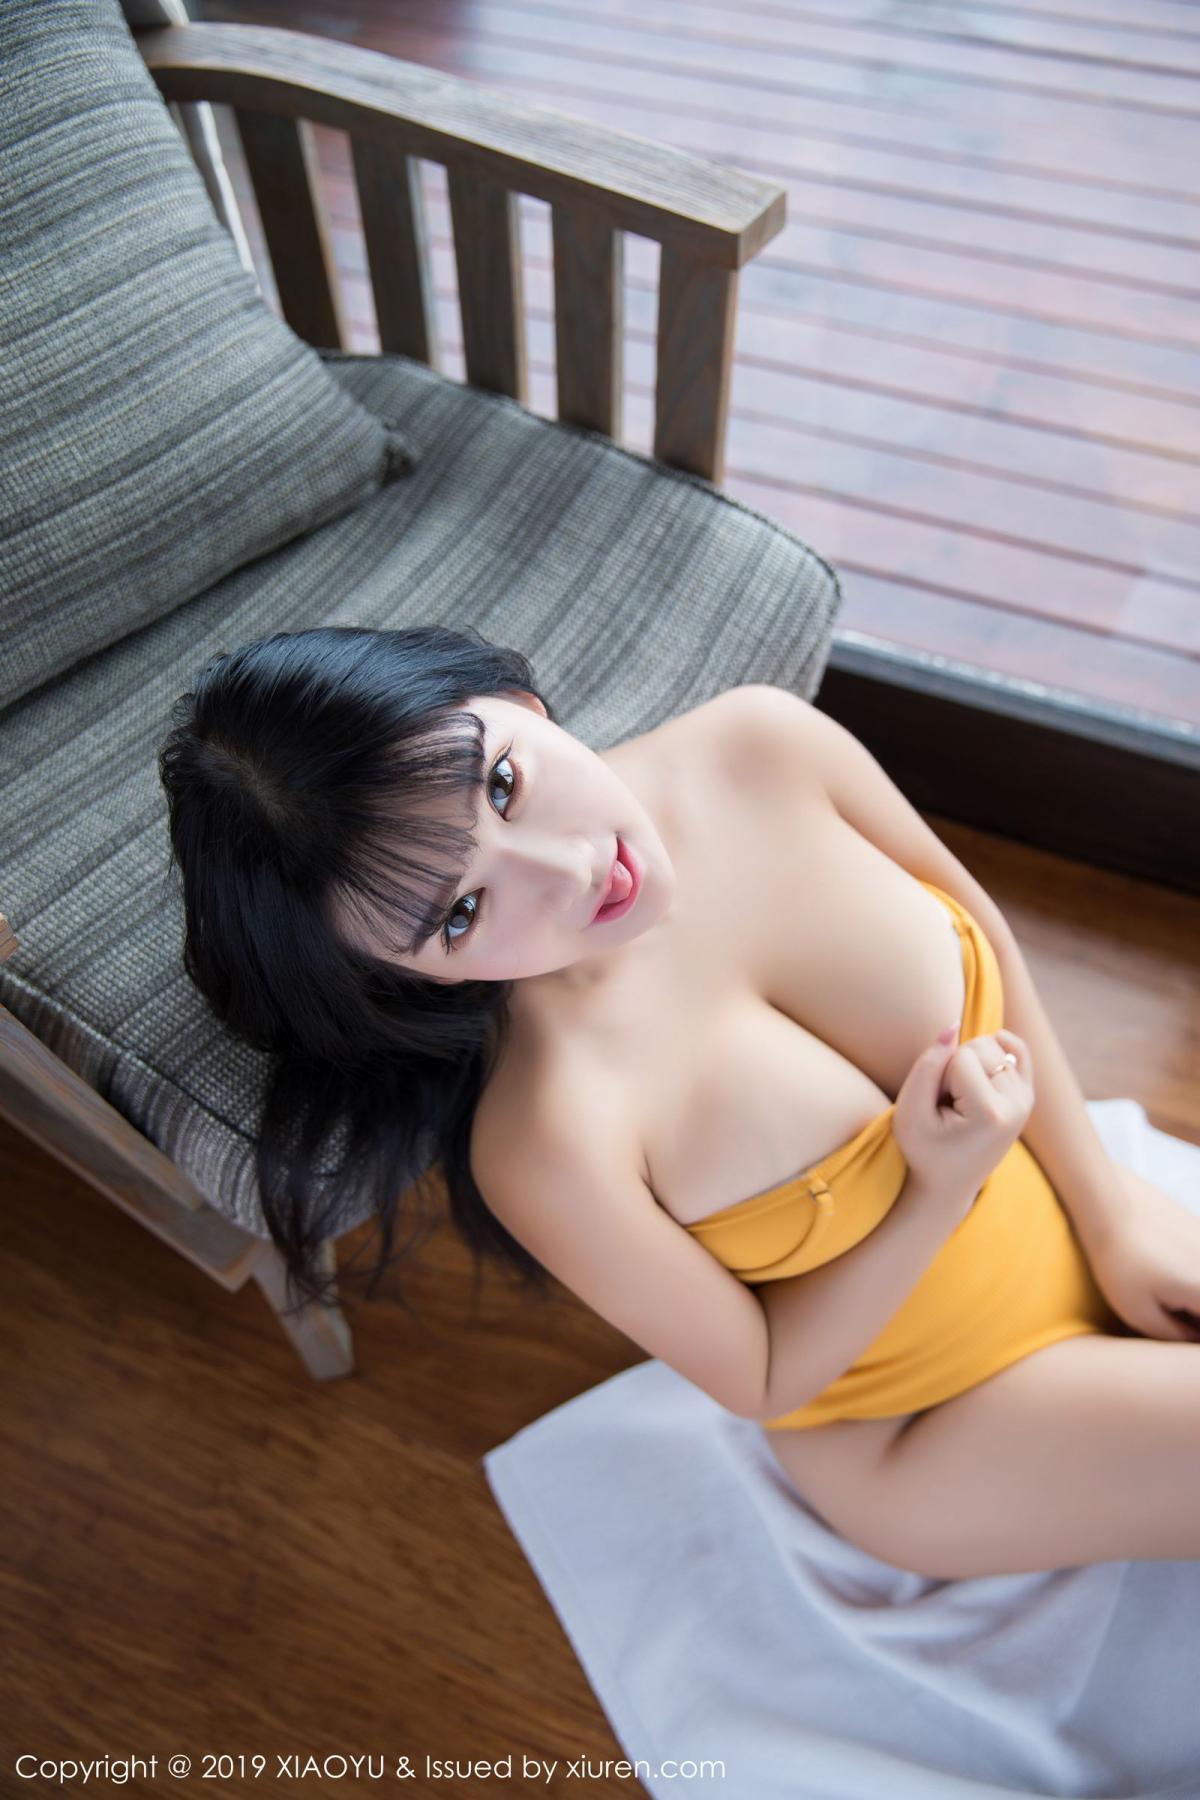 [XiaoYu] Vol.111 Lu Lu Xiao Miao 17P, Cute, Lu Lu Xiao Miao, Underwear, XiaoYu